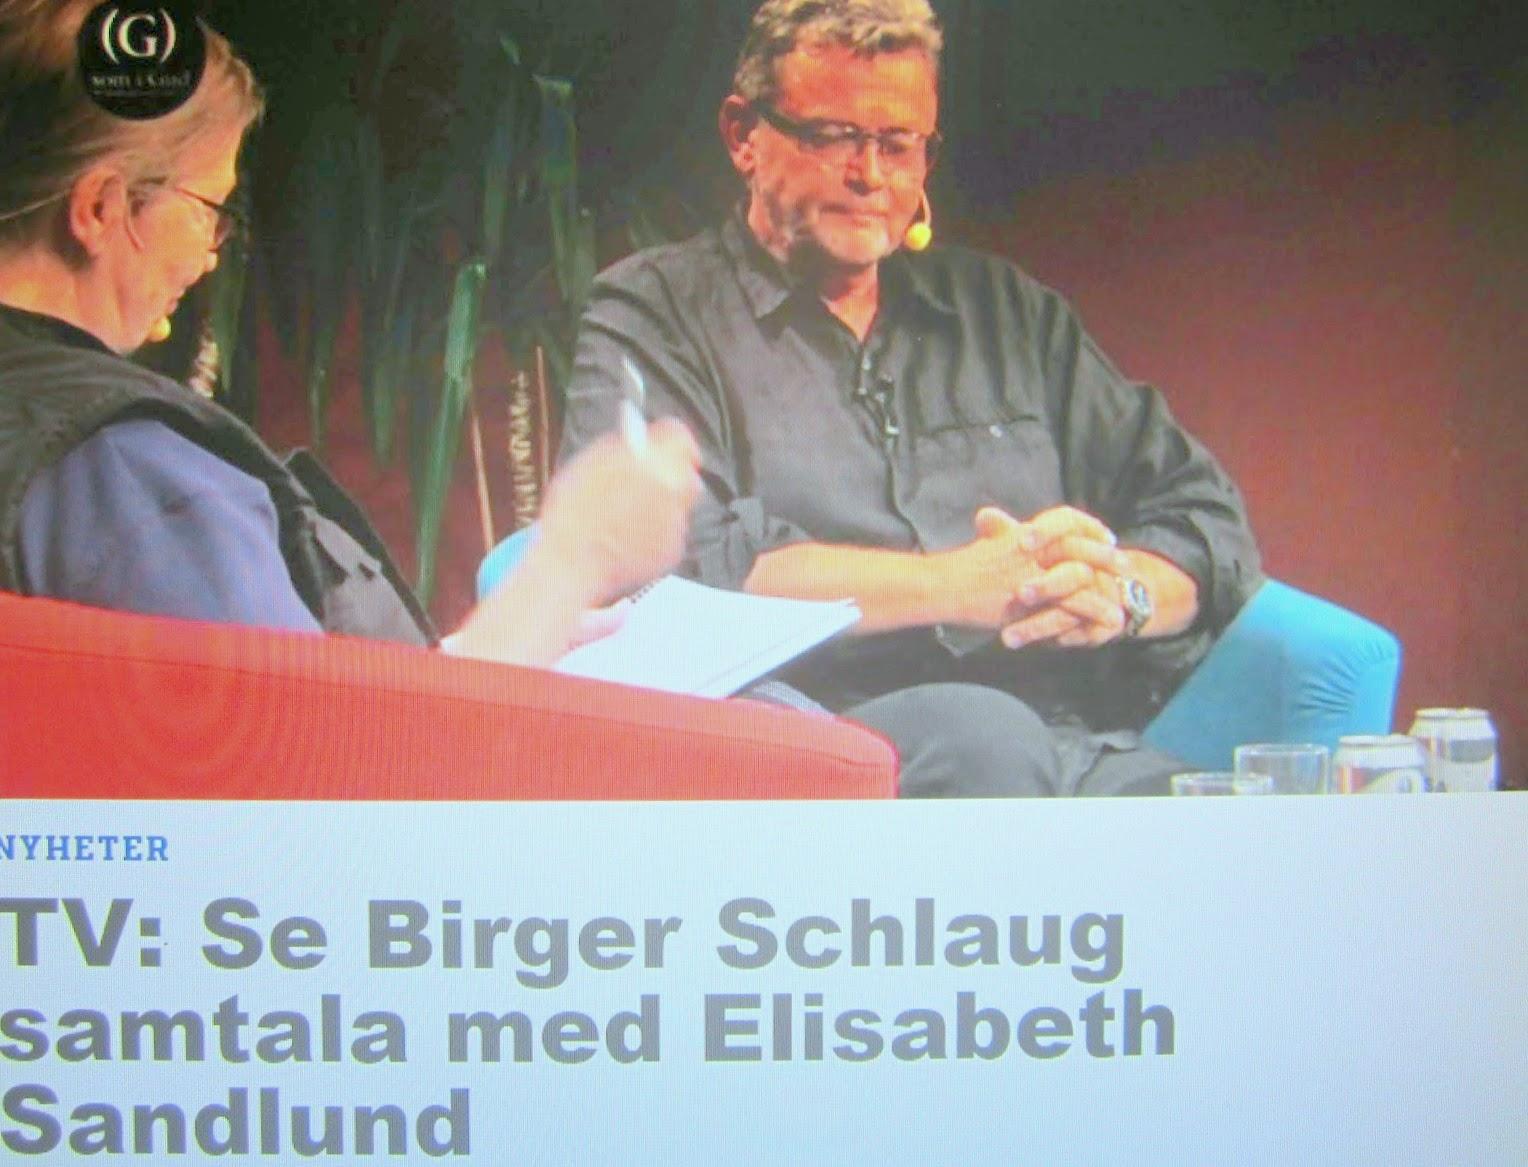 http://www.dagen.se/nyheter/tv-se-birger-schlaug-samtala-med-daniel-grahn-och-elisabeth-sandlund/